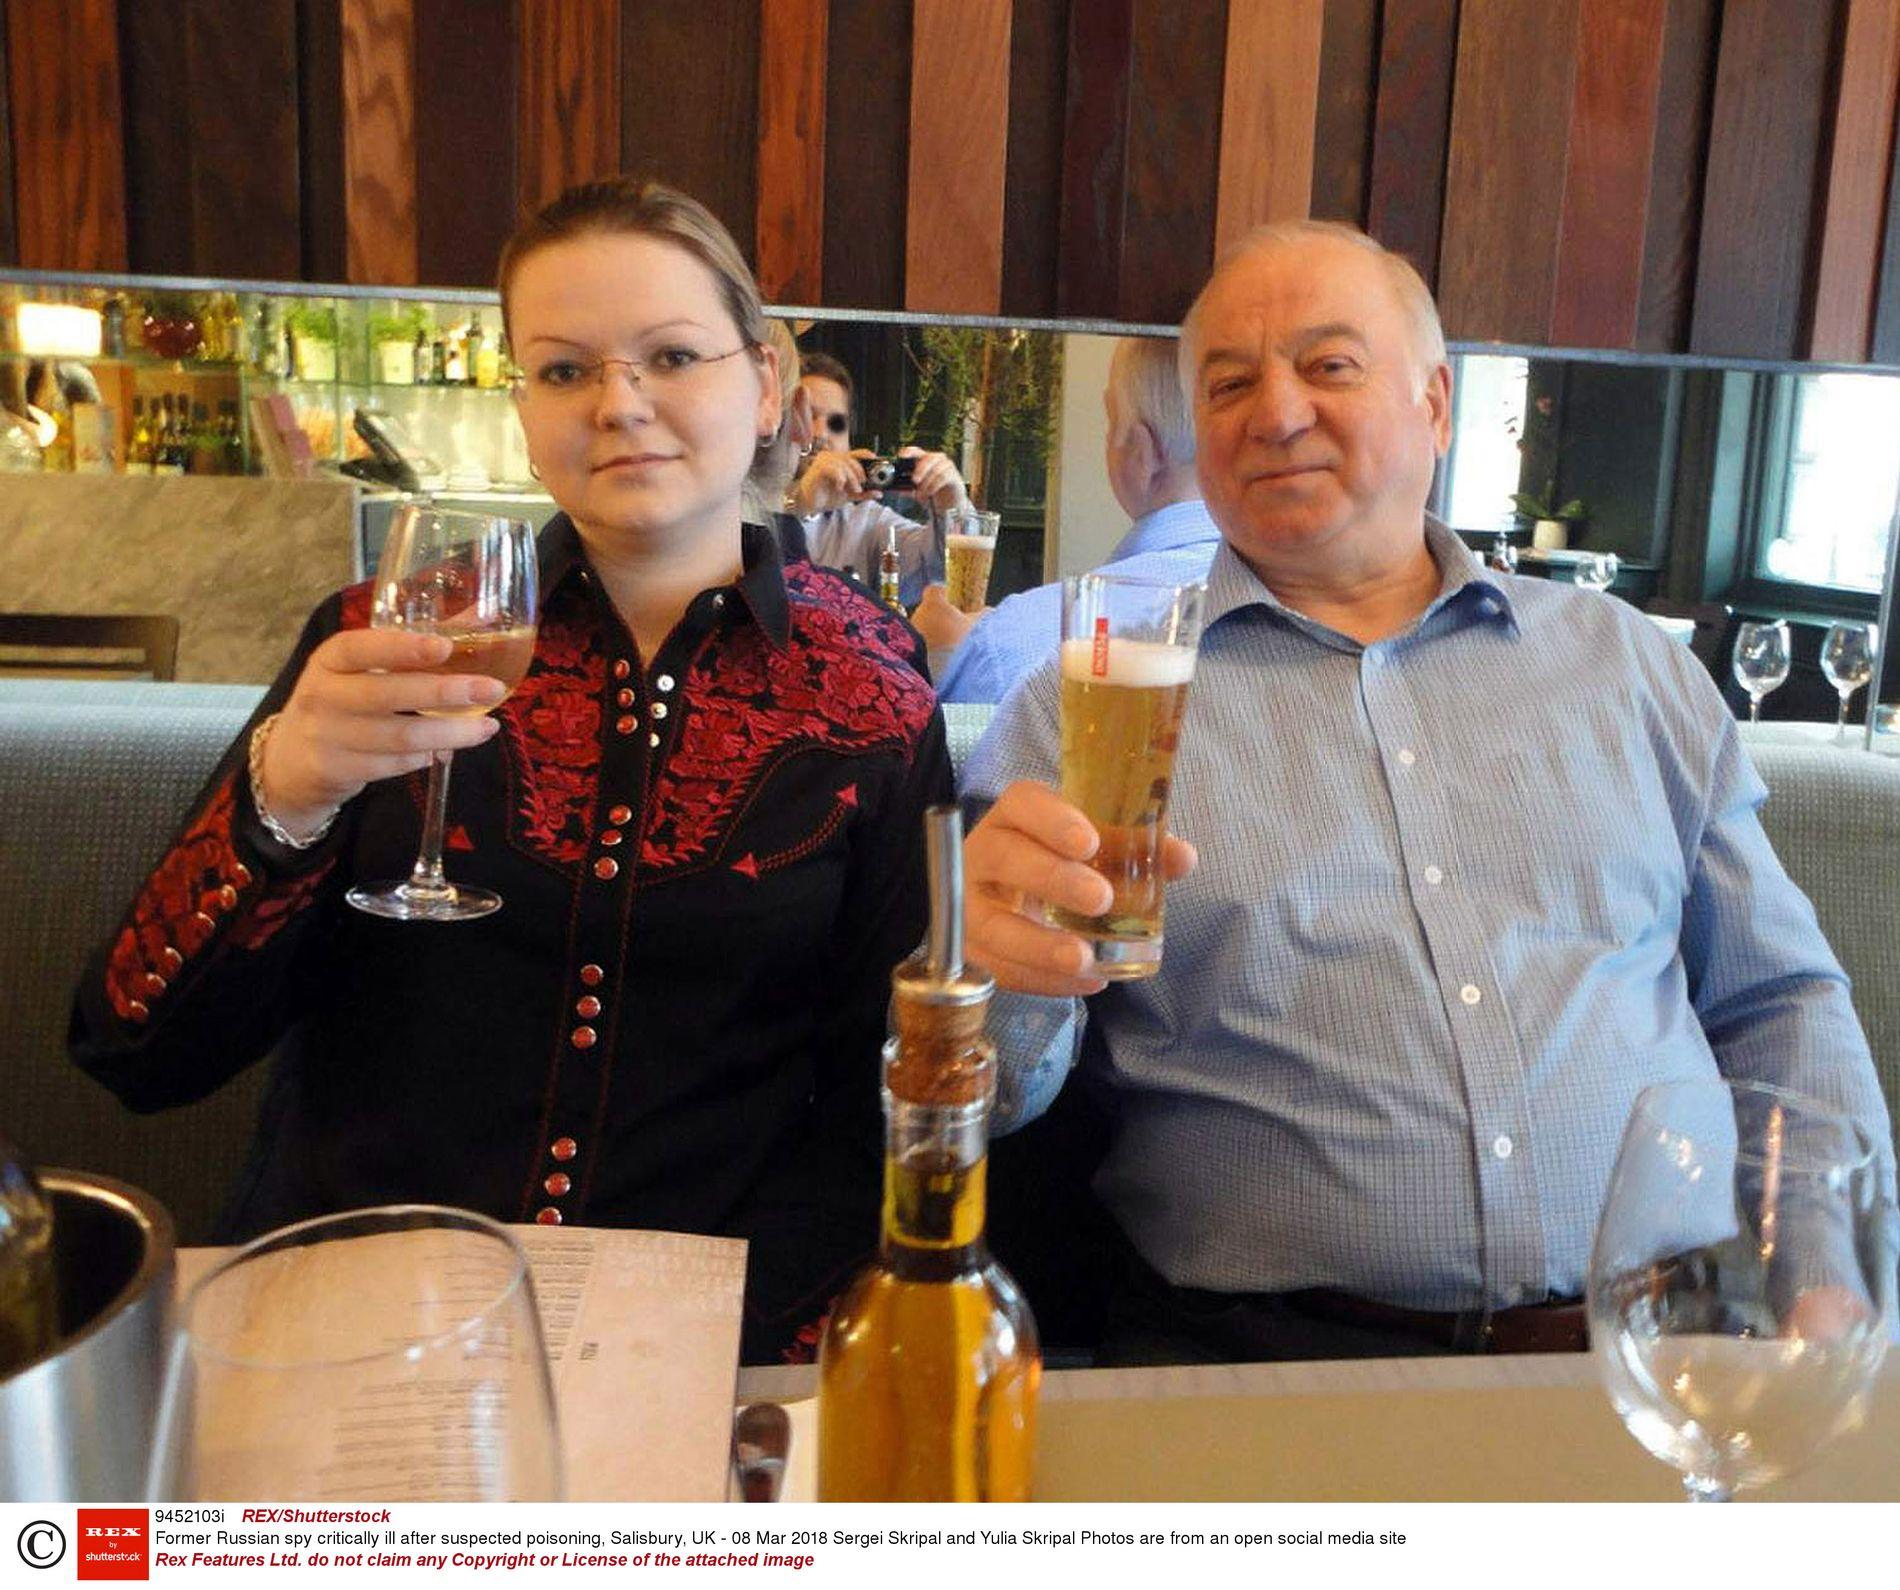 FORGIFTET: Julia og Sergej Skripal ble forgiftet av et sjeldent nervemiddel. De er fått i kritisk tilstand.